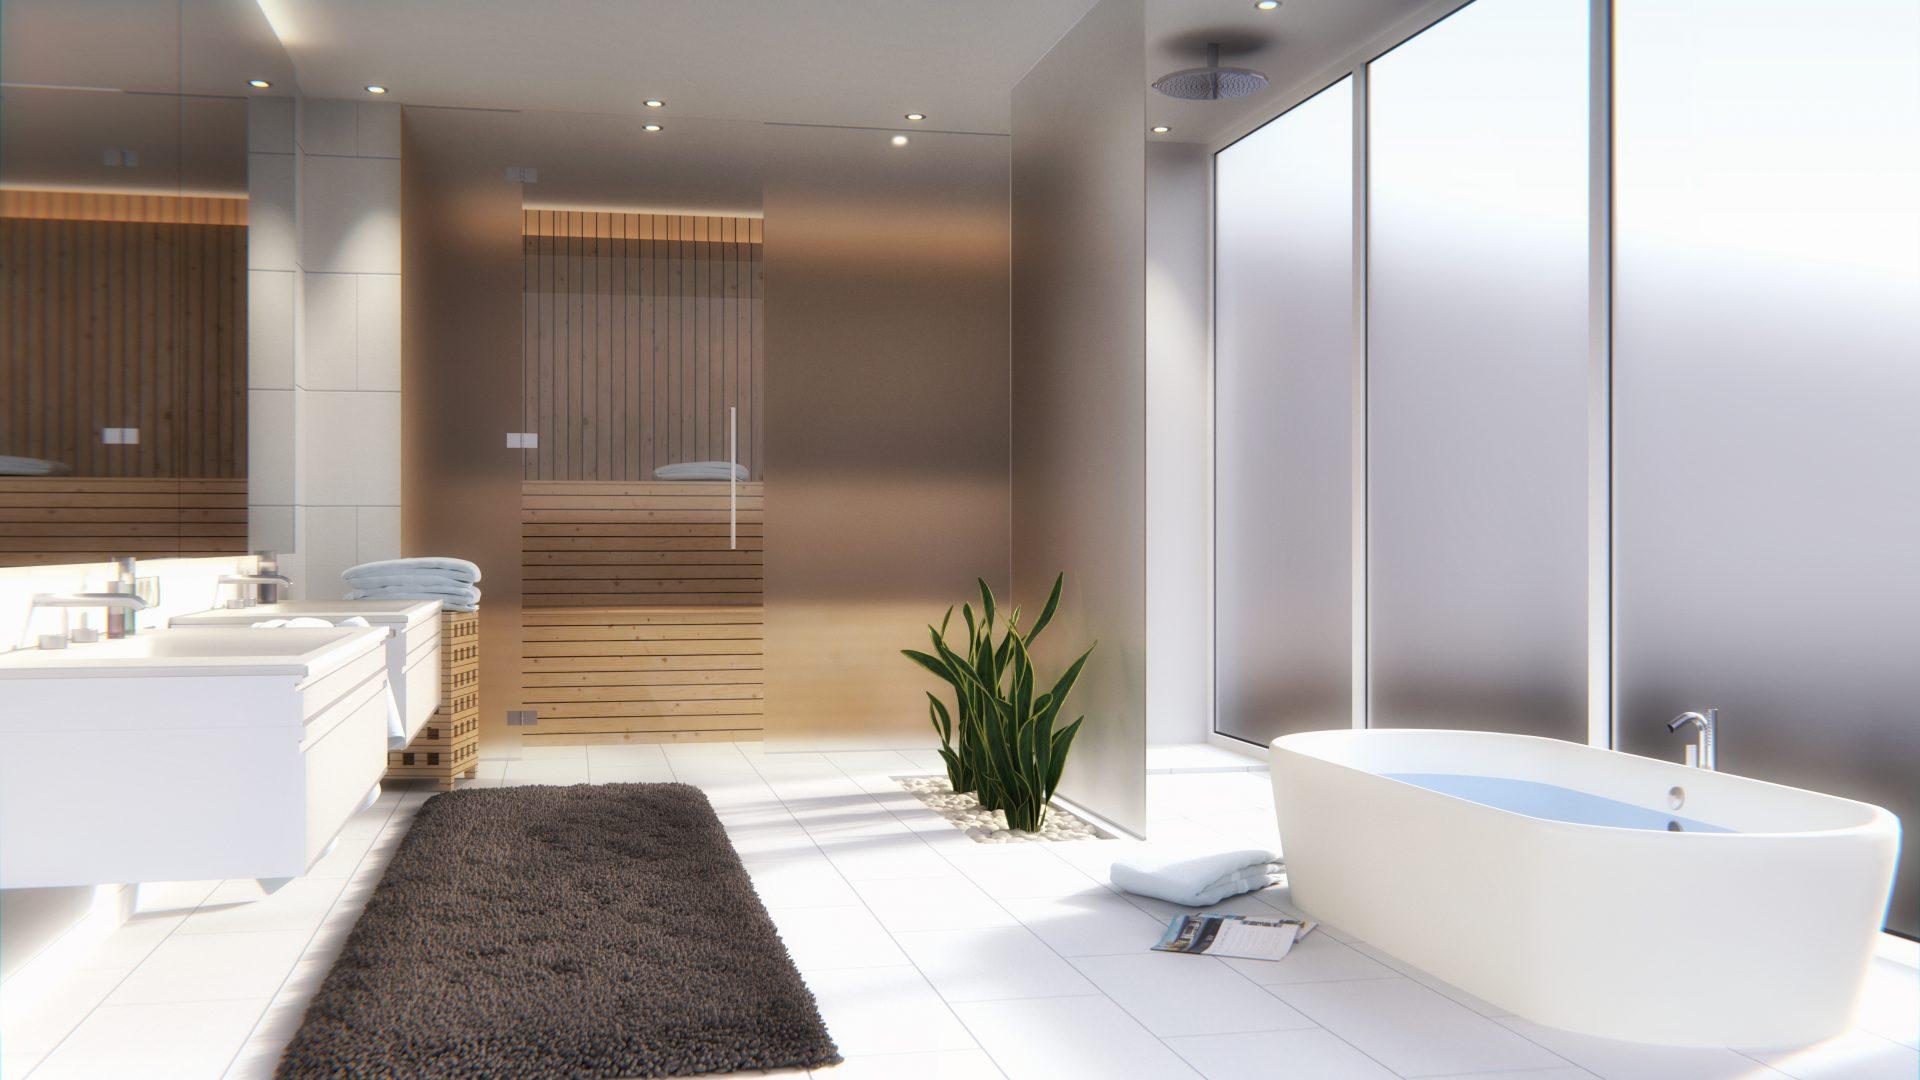 Moderne Badezimmer Das sind angesagten Trends HEROLD